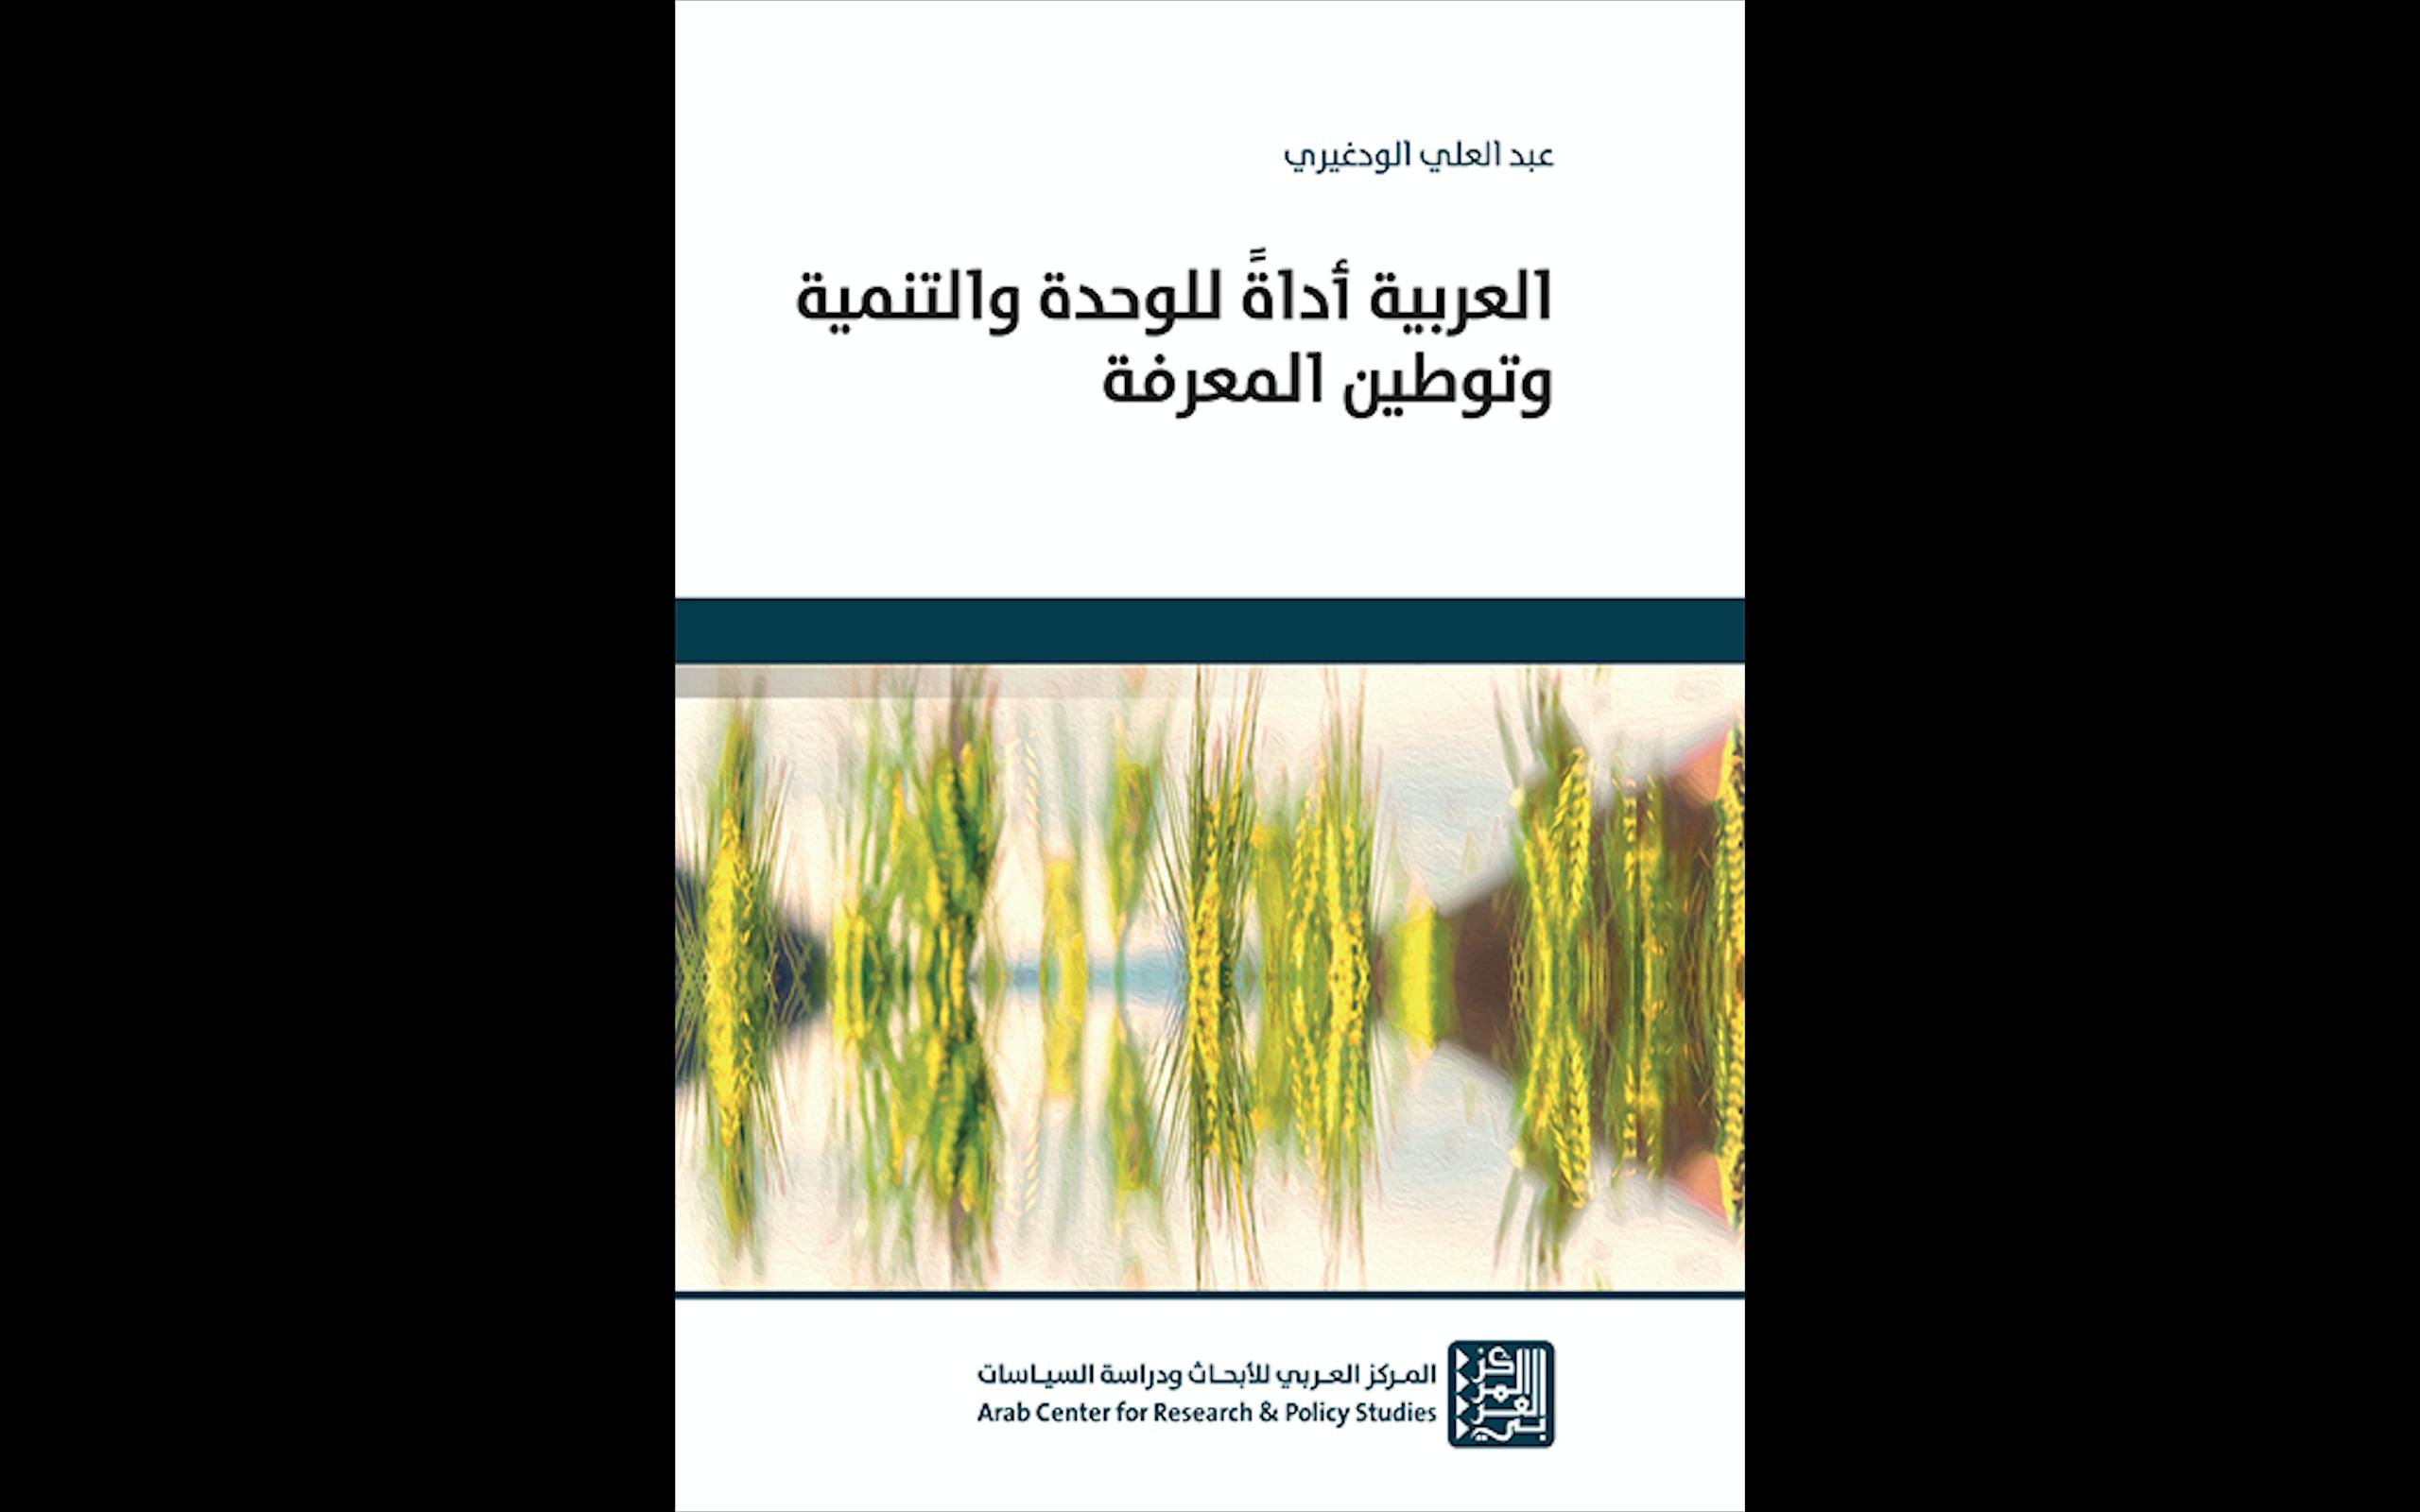 جديد: «العربية أداةً للوحدة والتنمية وتوطين المعرفة»